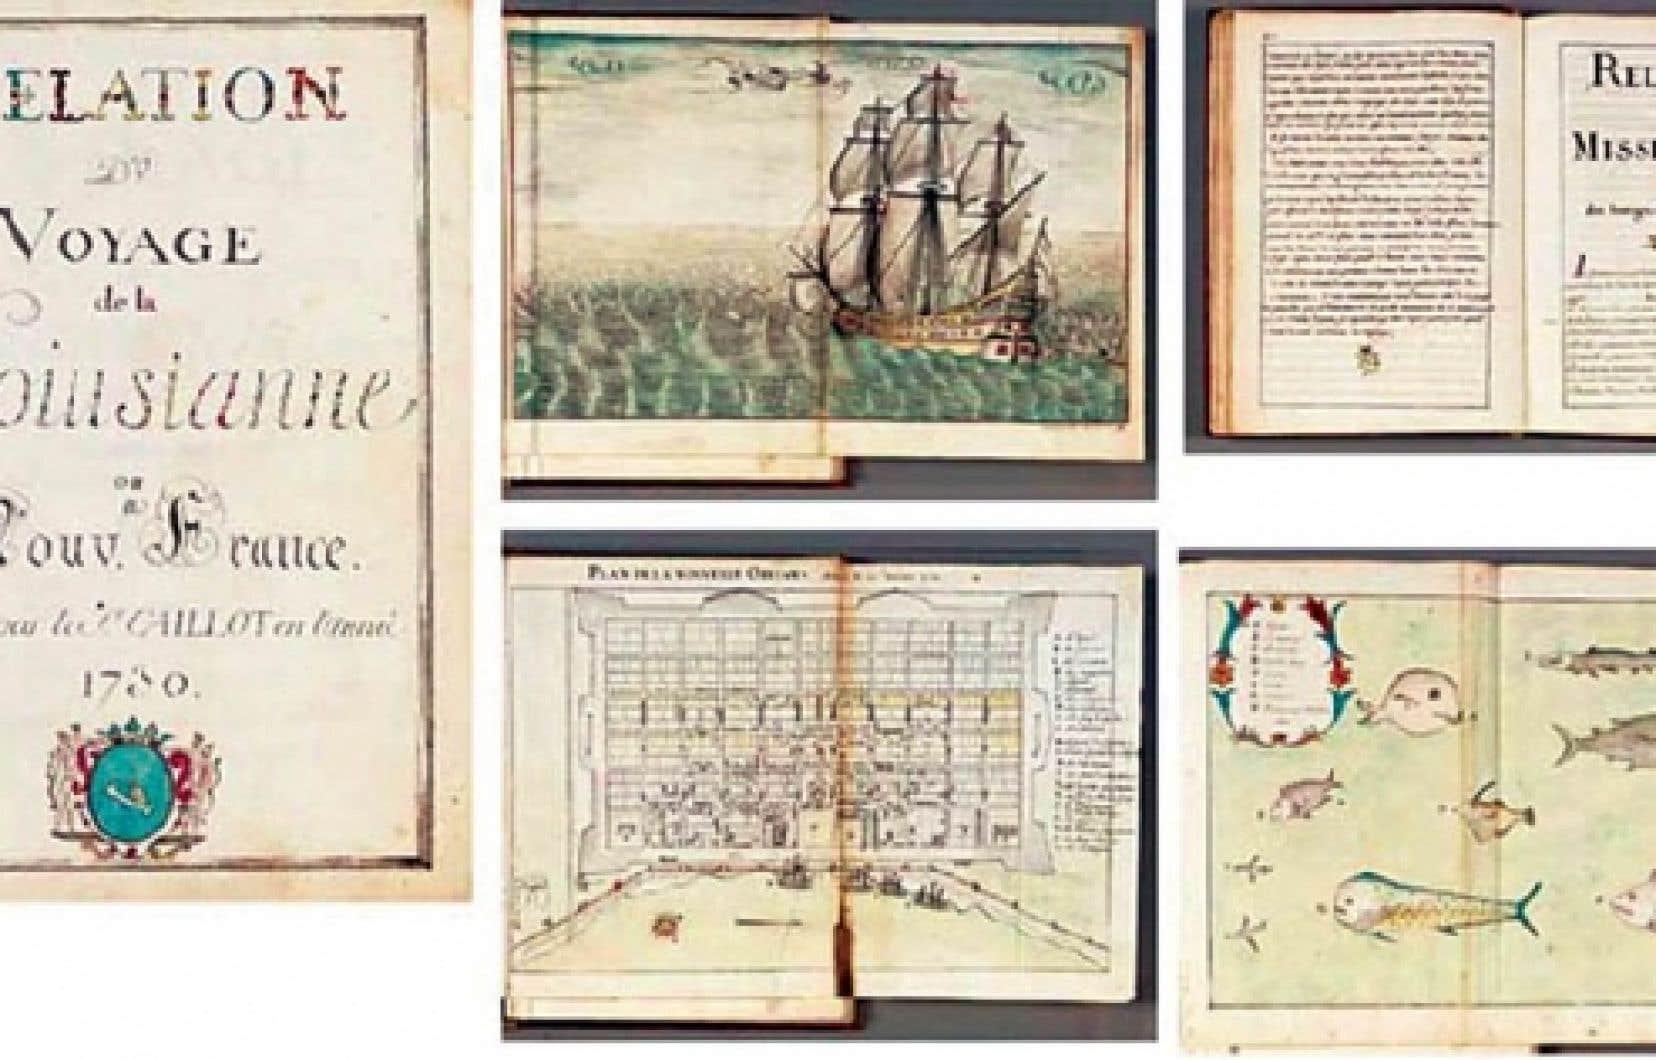 Relation du voyage de la Louisiane ou Nouvelle-France, un manuscrit de 168 pages, décrit dans le catalogue de Christie's comme un «ouvrage remarquable de première main, jamais publié», orné de nombreuses gravues, a bel et bien appartenu aux Archives nationales.<br />